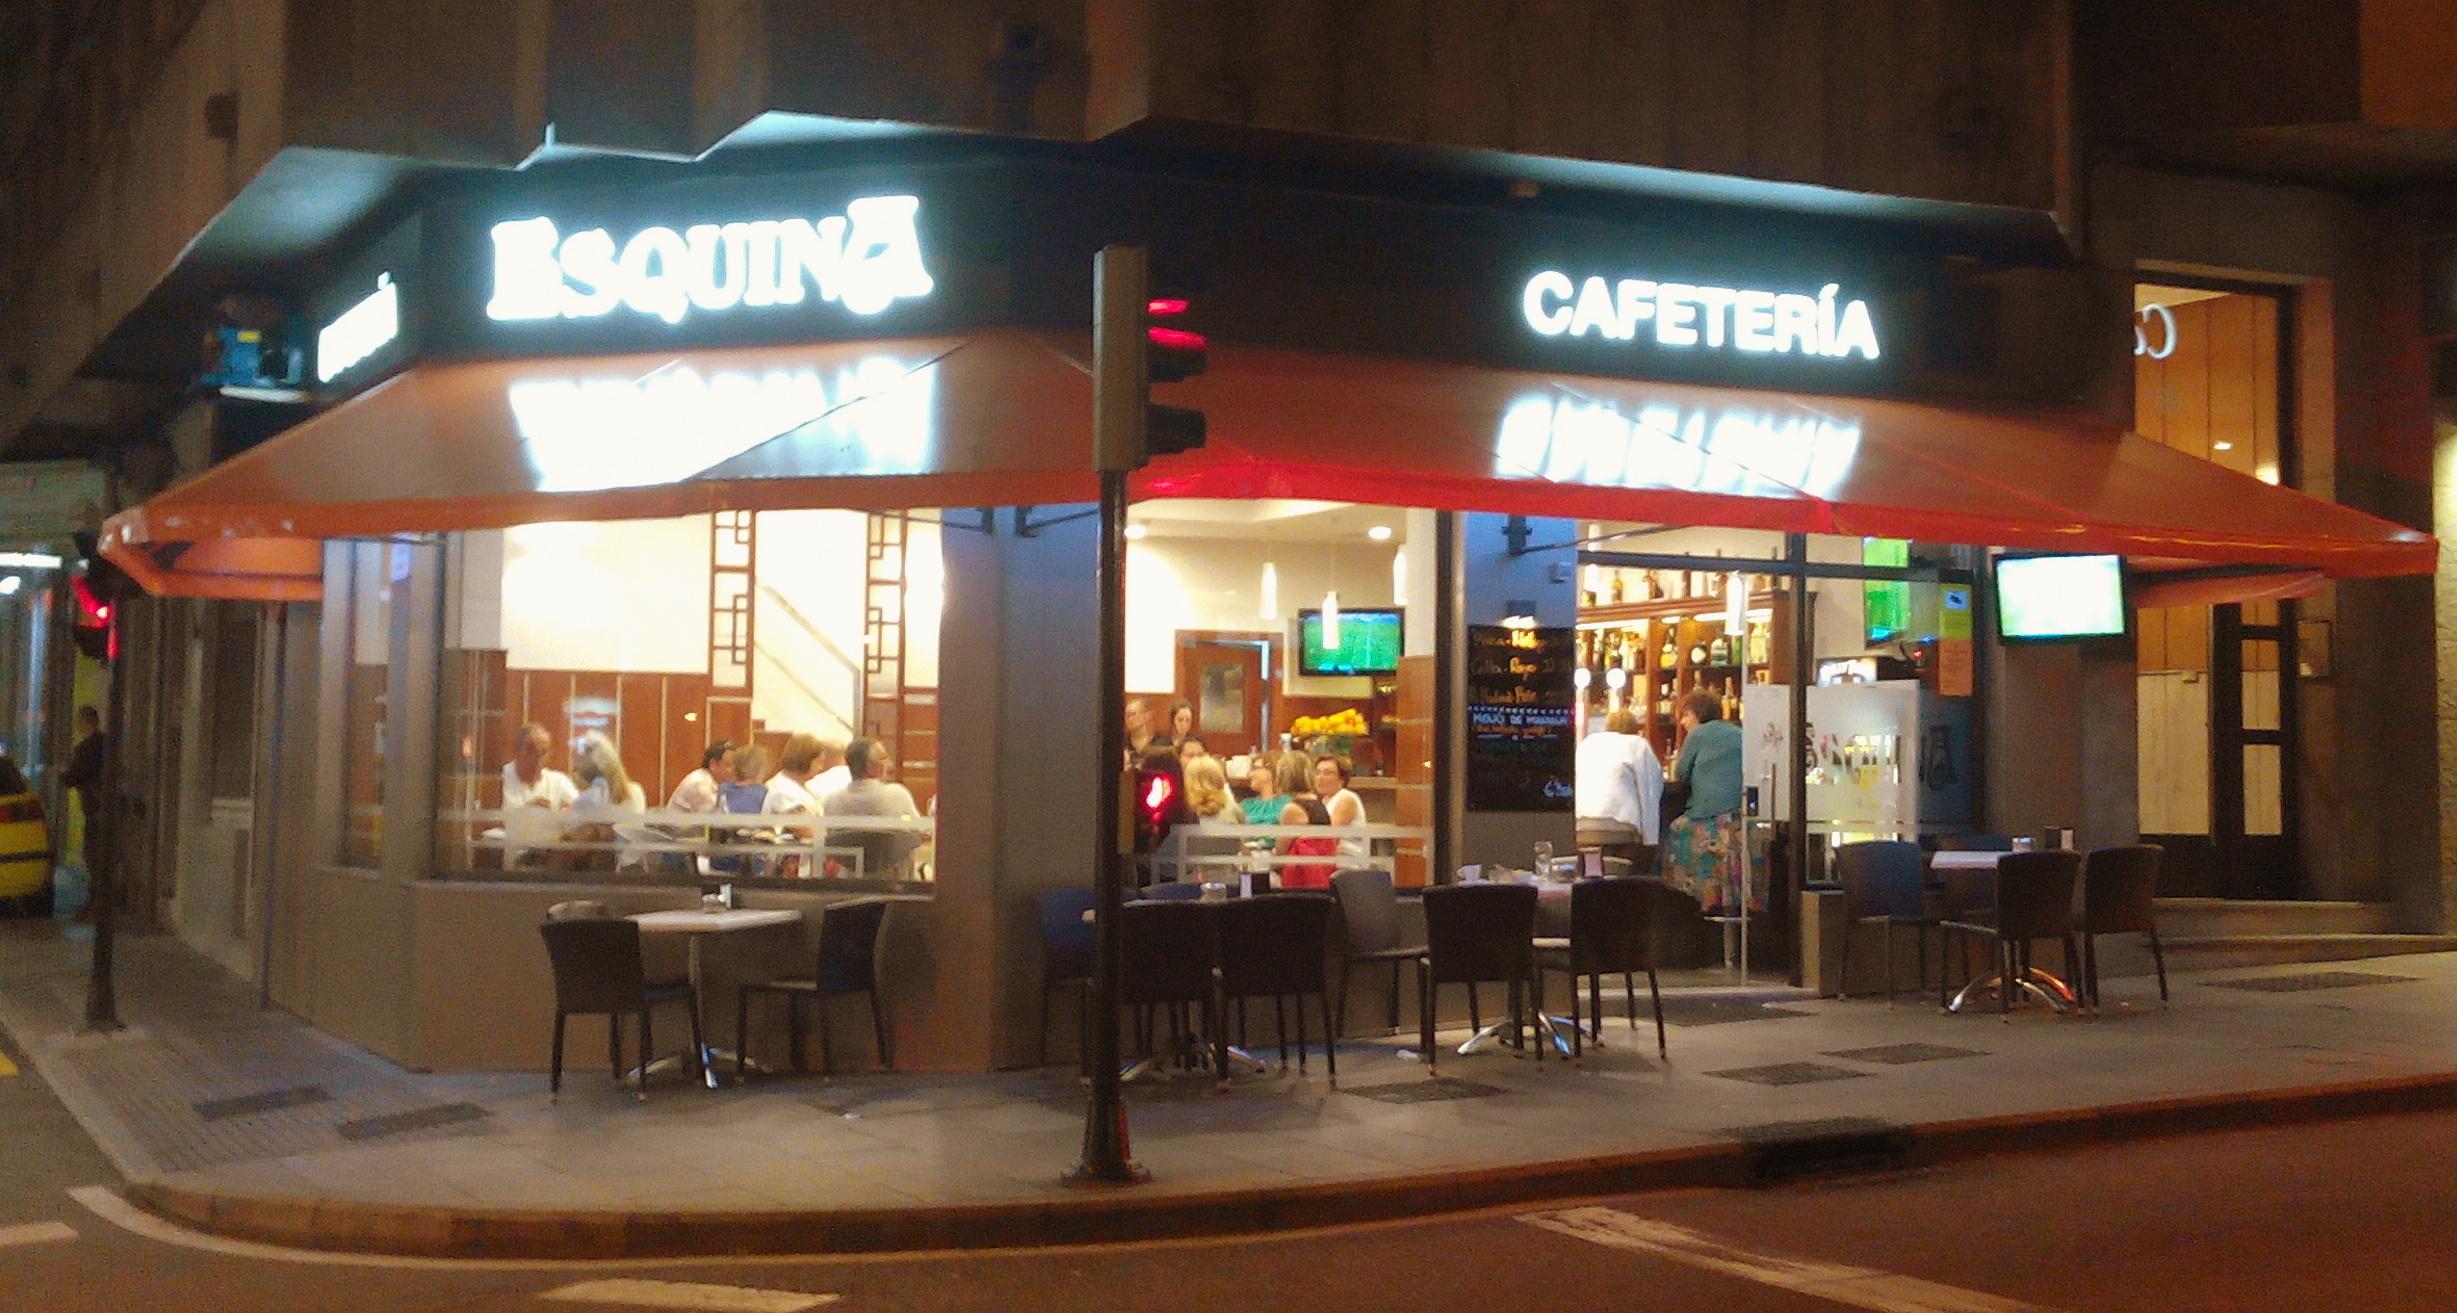 Cafetería La Esquina